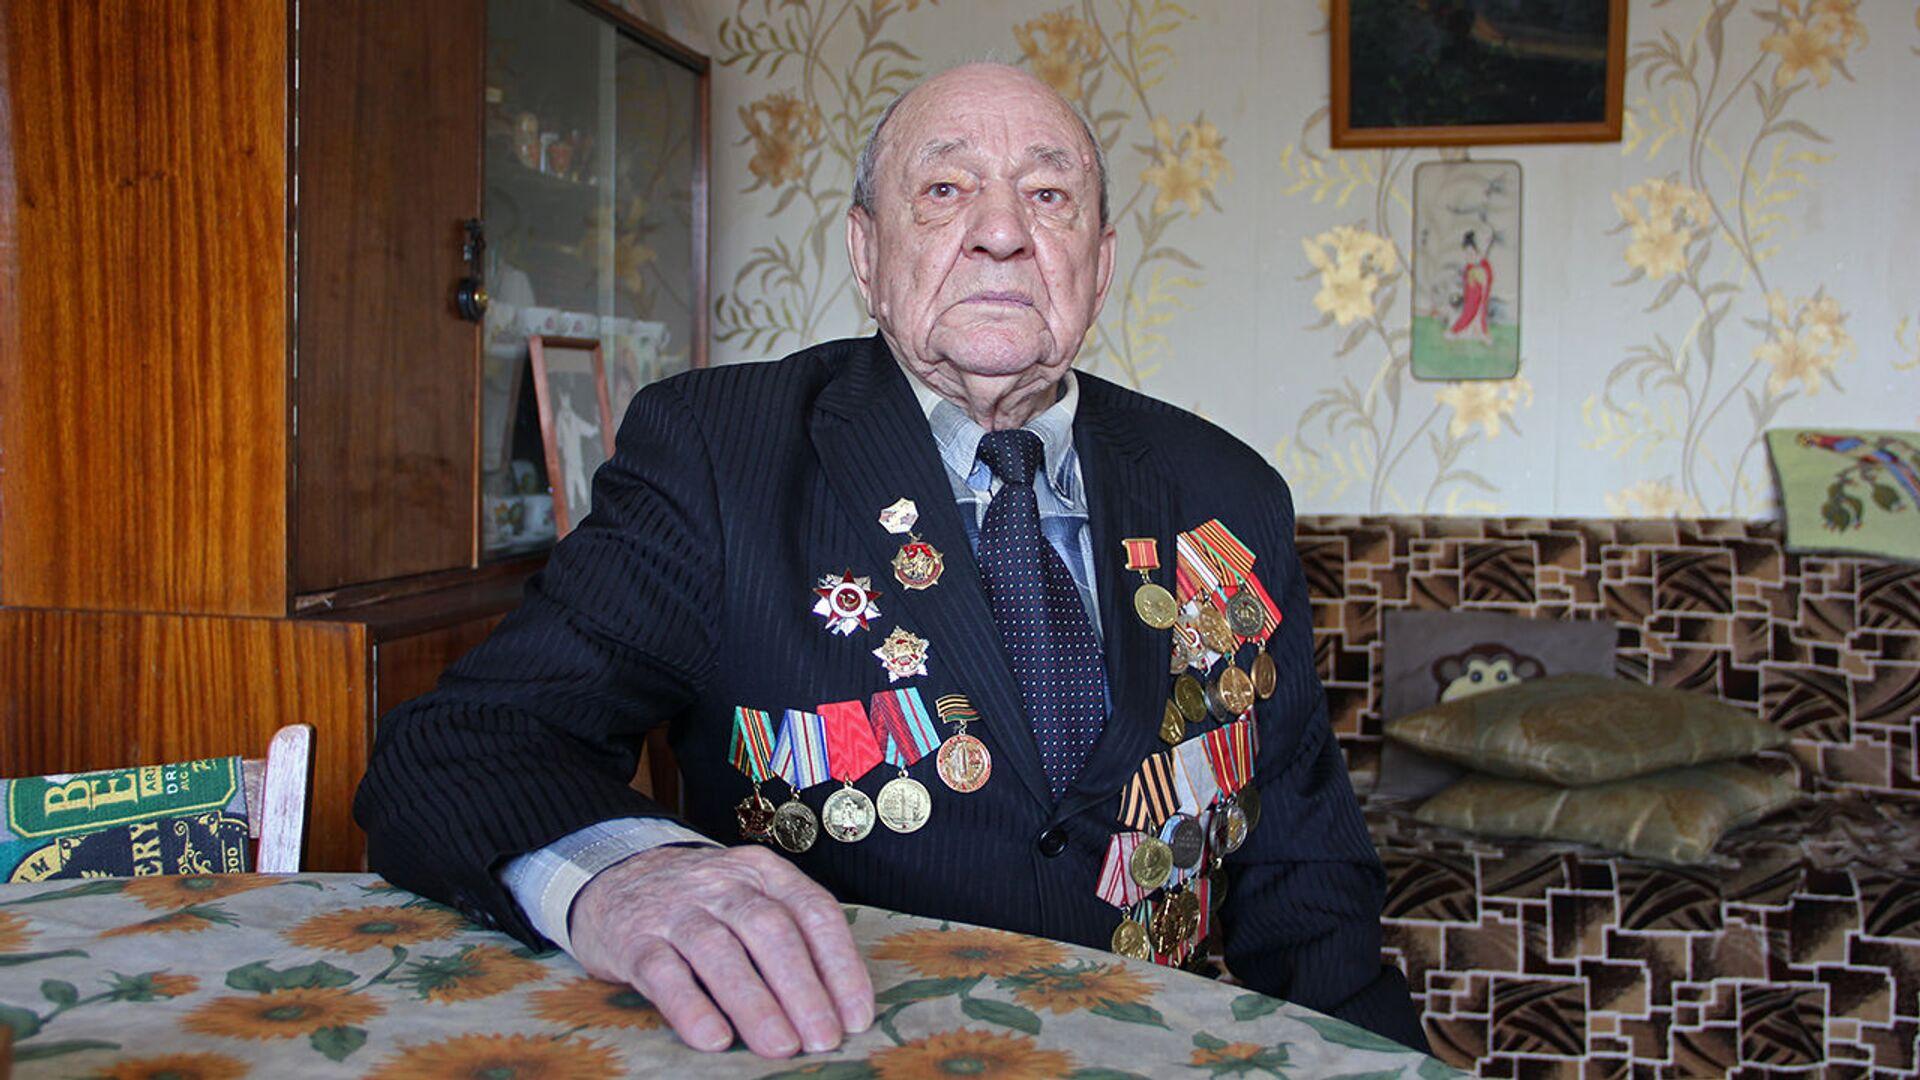 Фронтовик: никто не знал, что мы участвуем в величайшей военной операции - Sputnik Беларусь, 1920, 29.06.2021